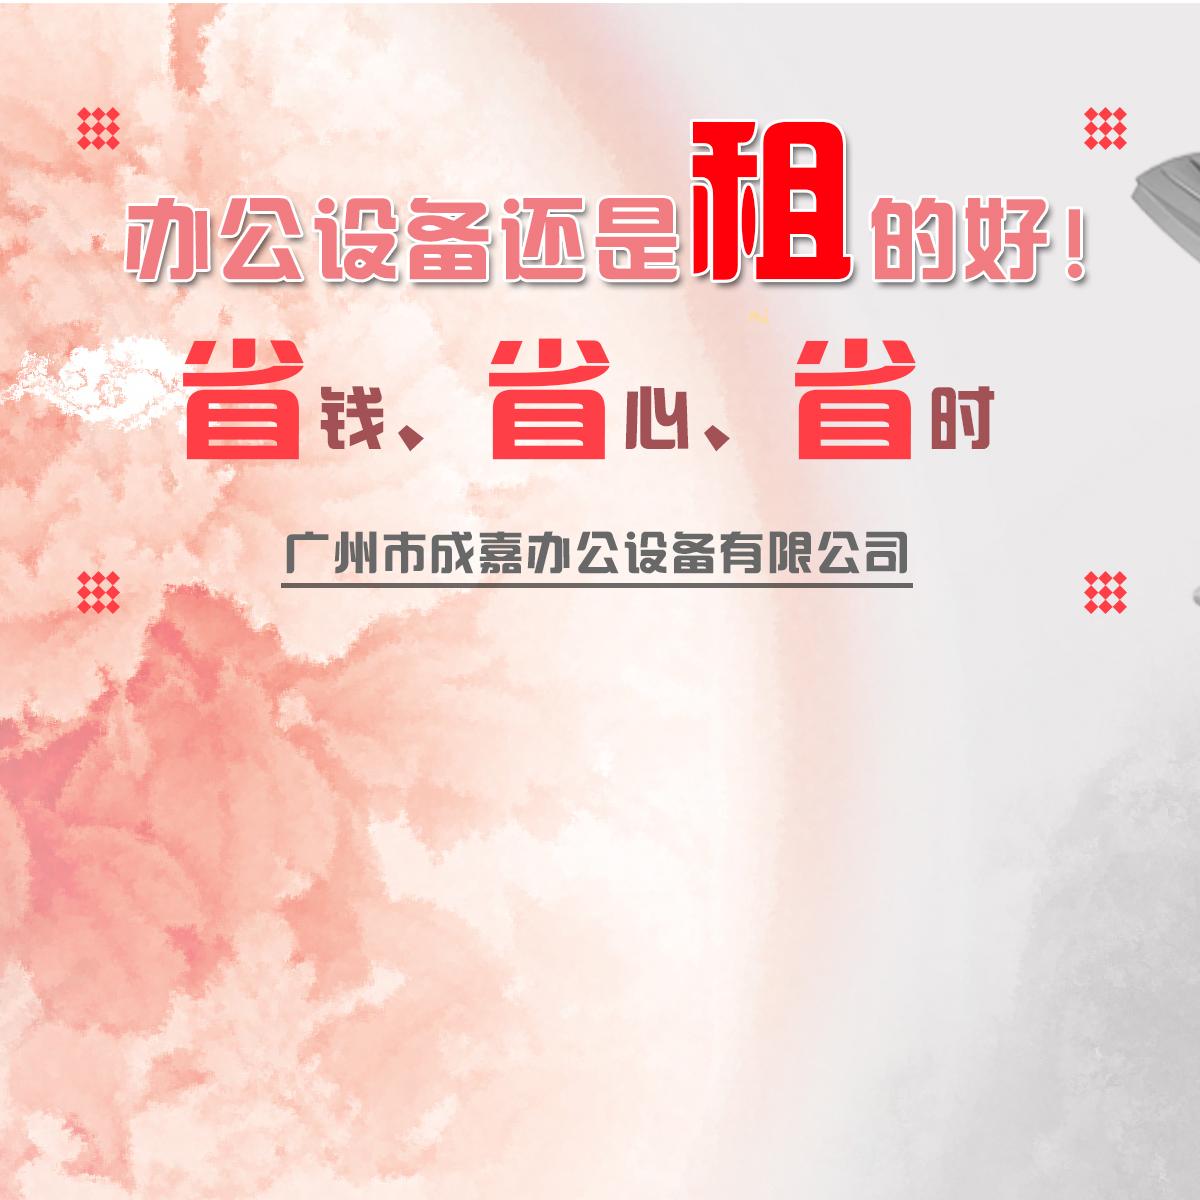 广州市成嘉办公设备有限公司